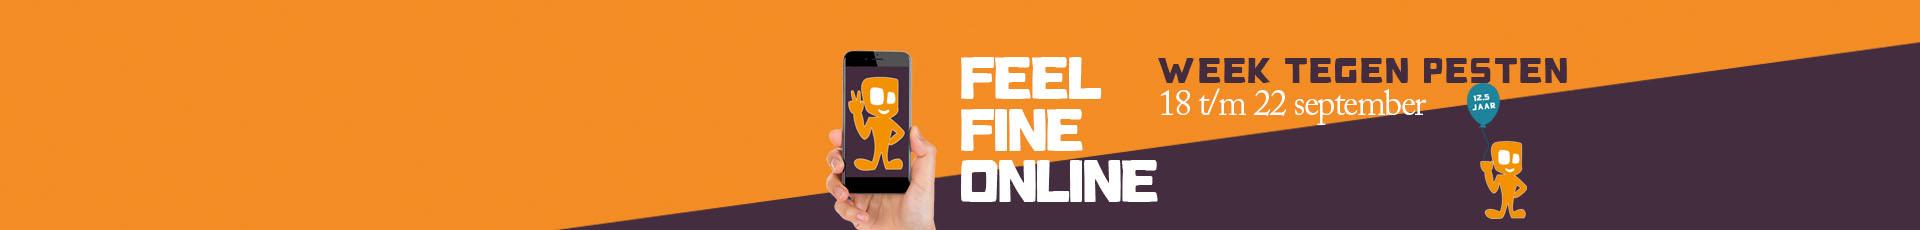 Feel Fine Online Omgaan met Pesten